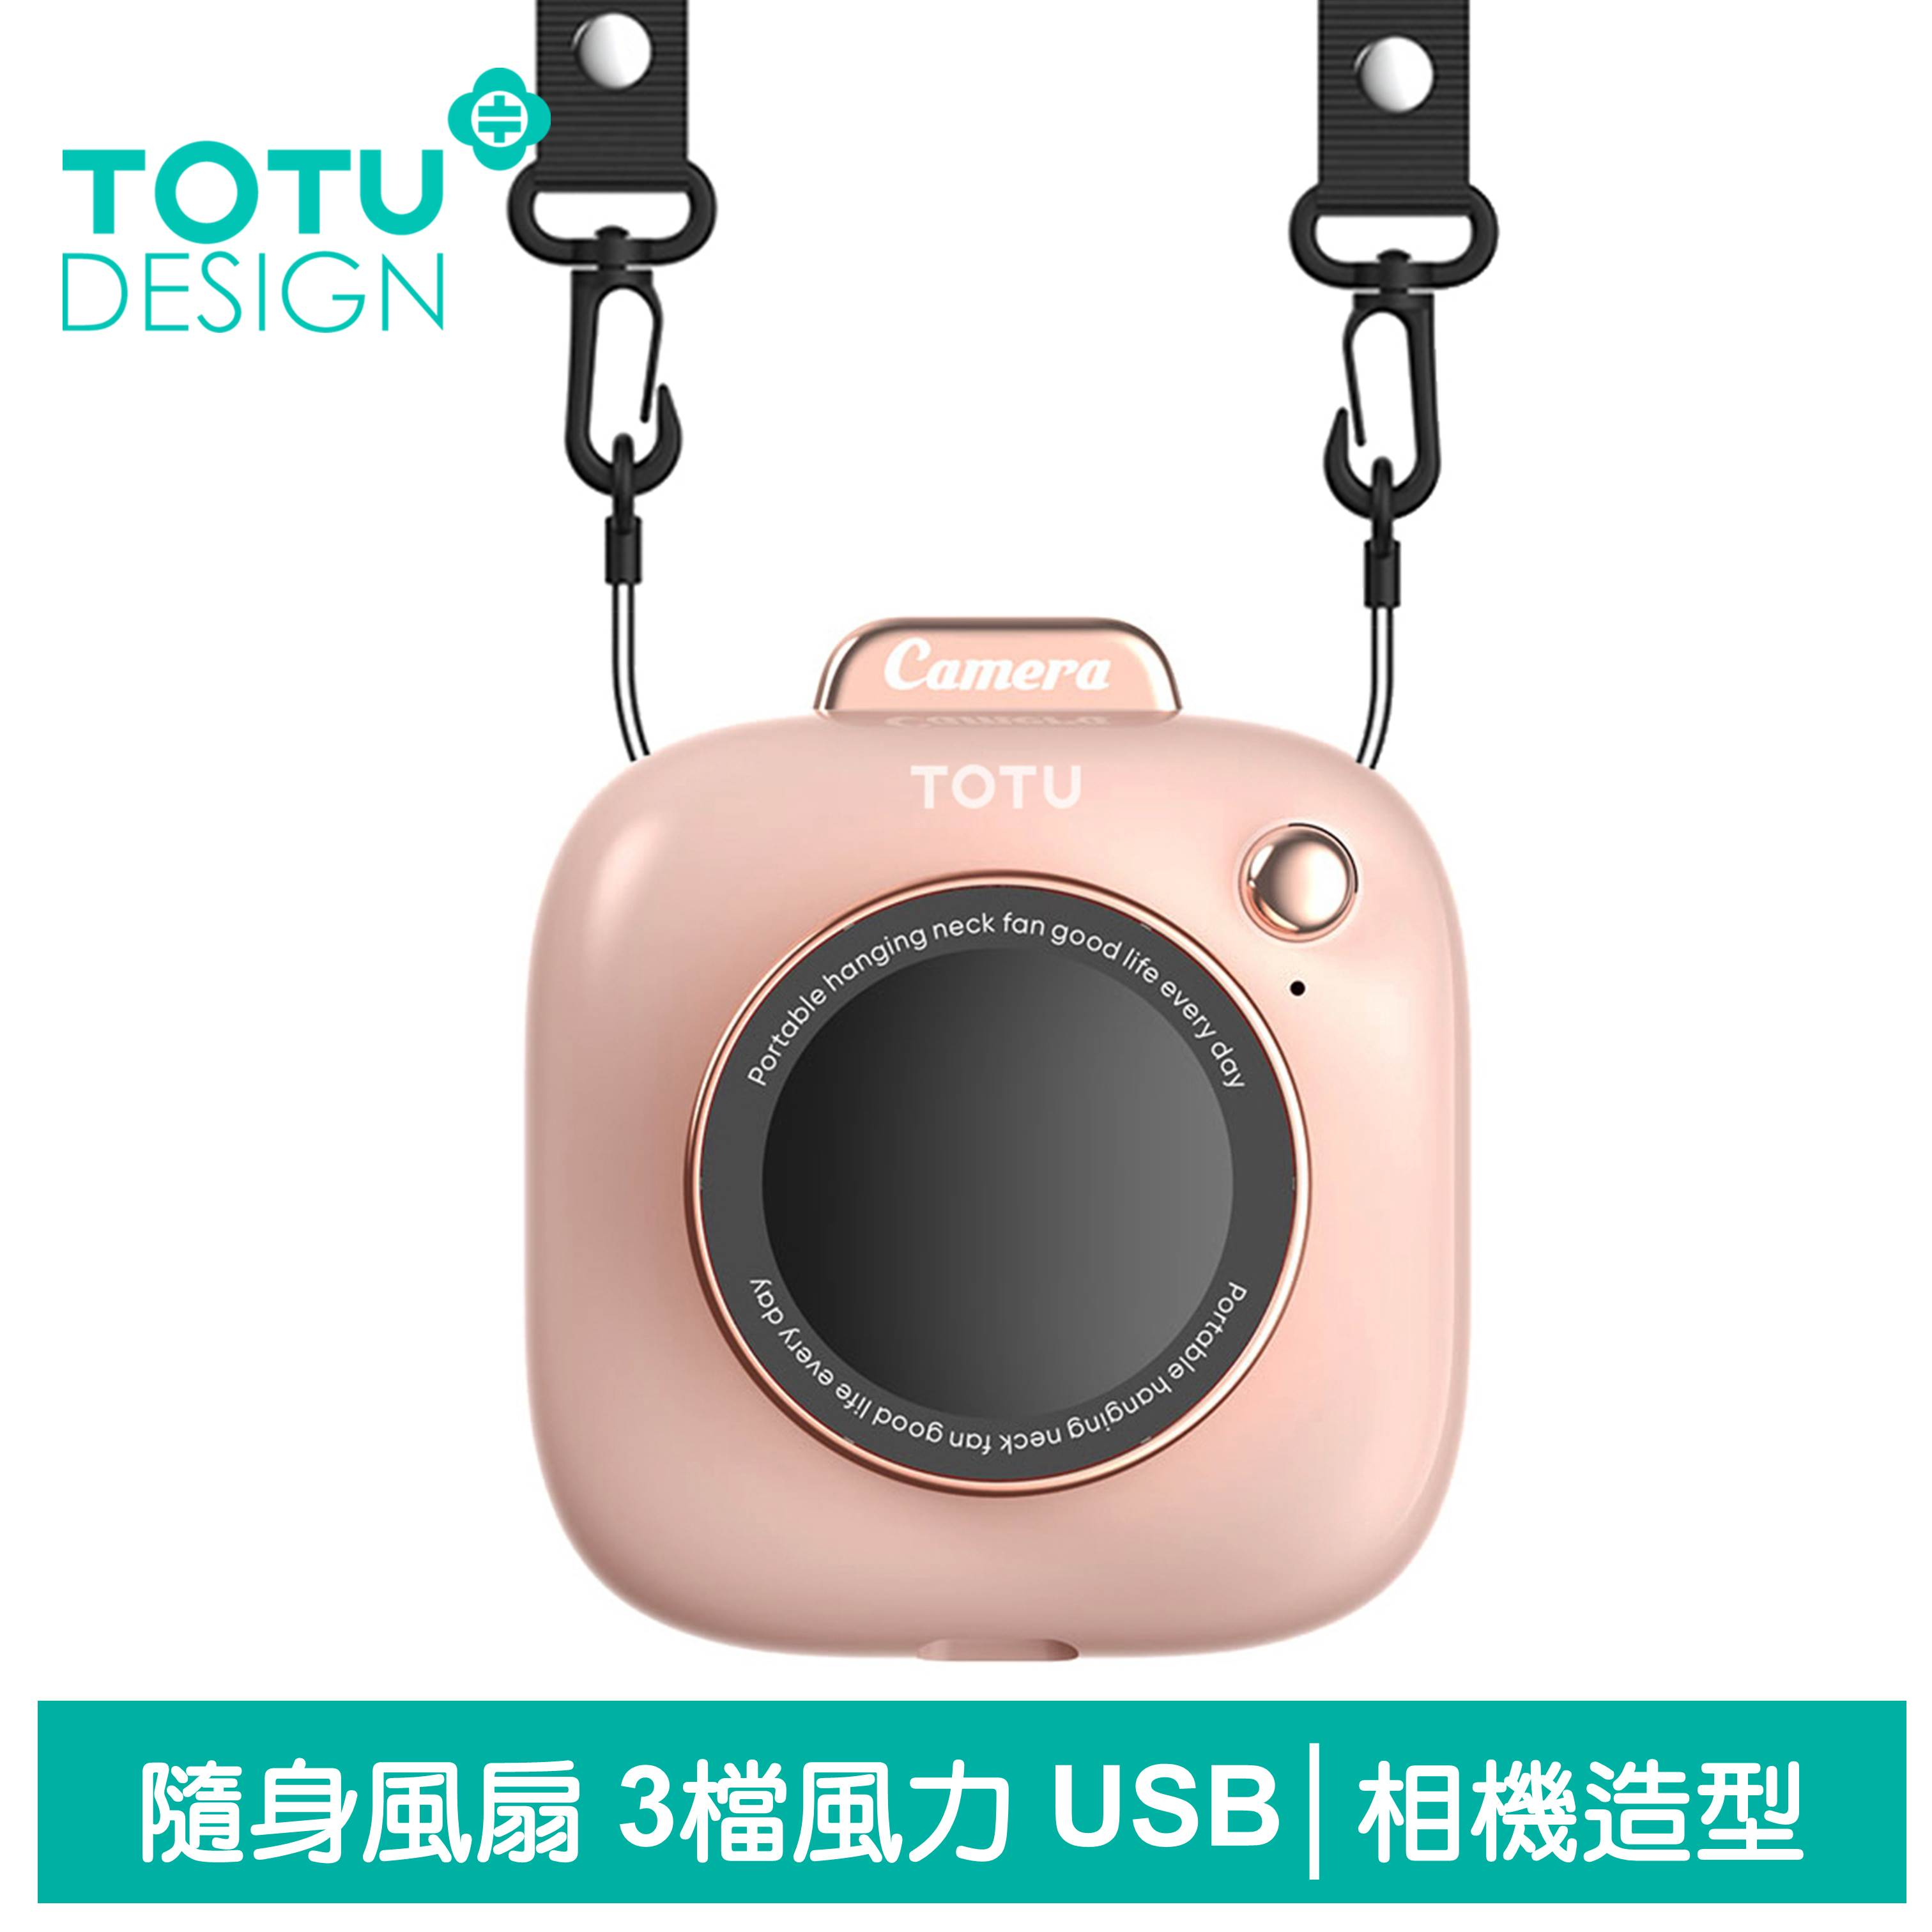 TOTU台灣官方 相機造型隨身風扇掛脖掛繩手持桌上USB小風扇 粉色